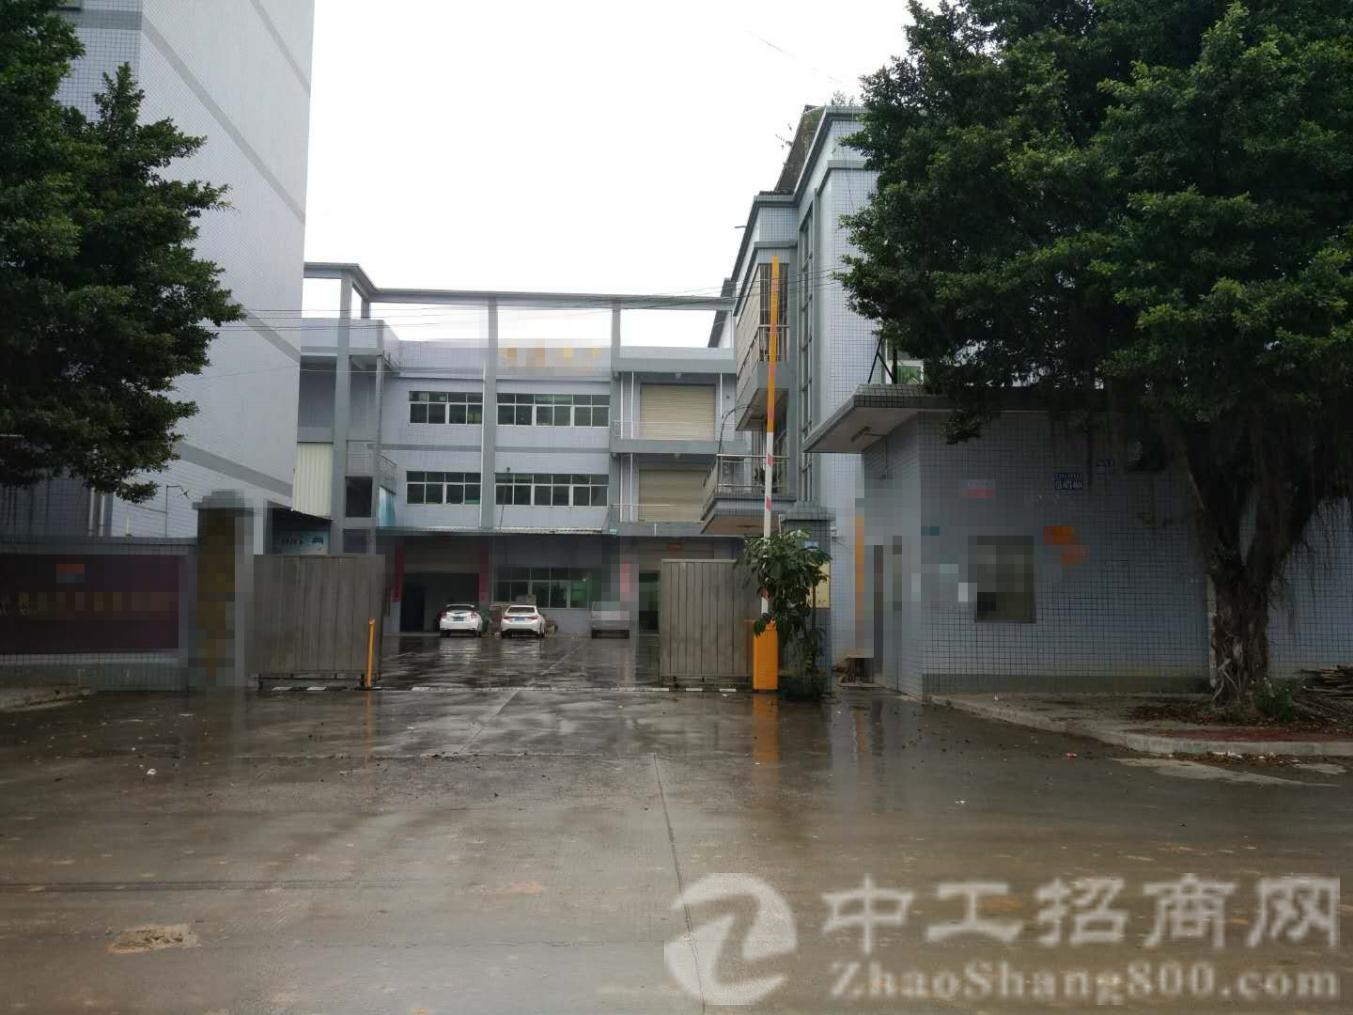 塘厦镇占地 6.3 亩建筑 6776 ㎡村委合同厂房出售